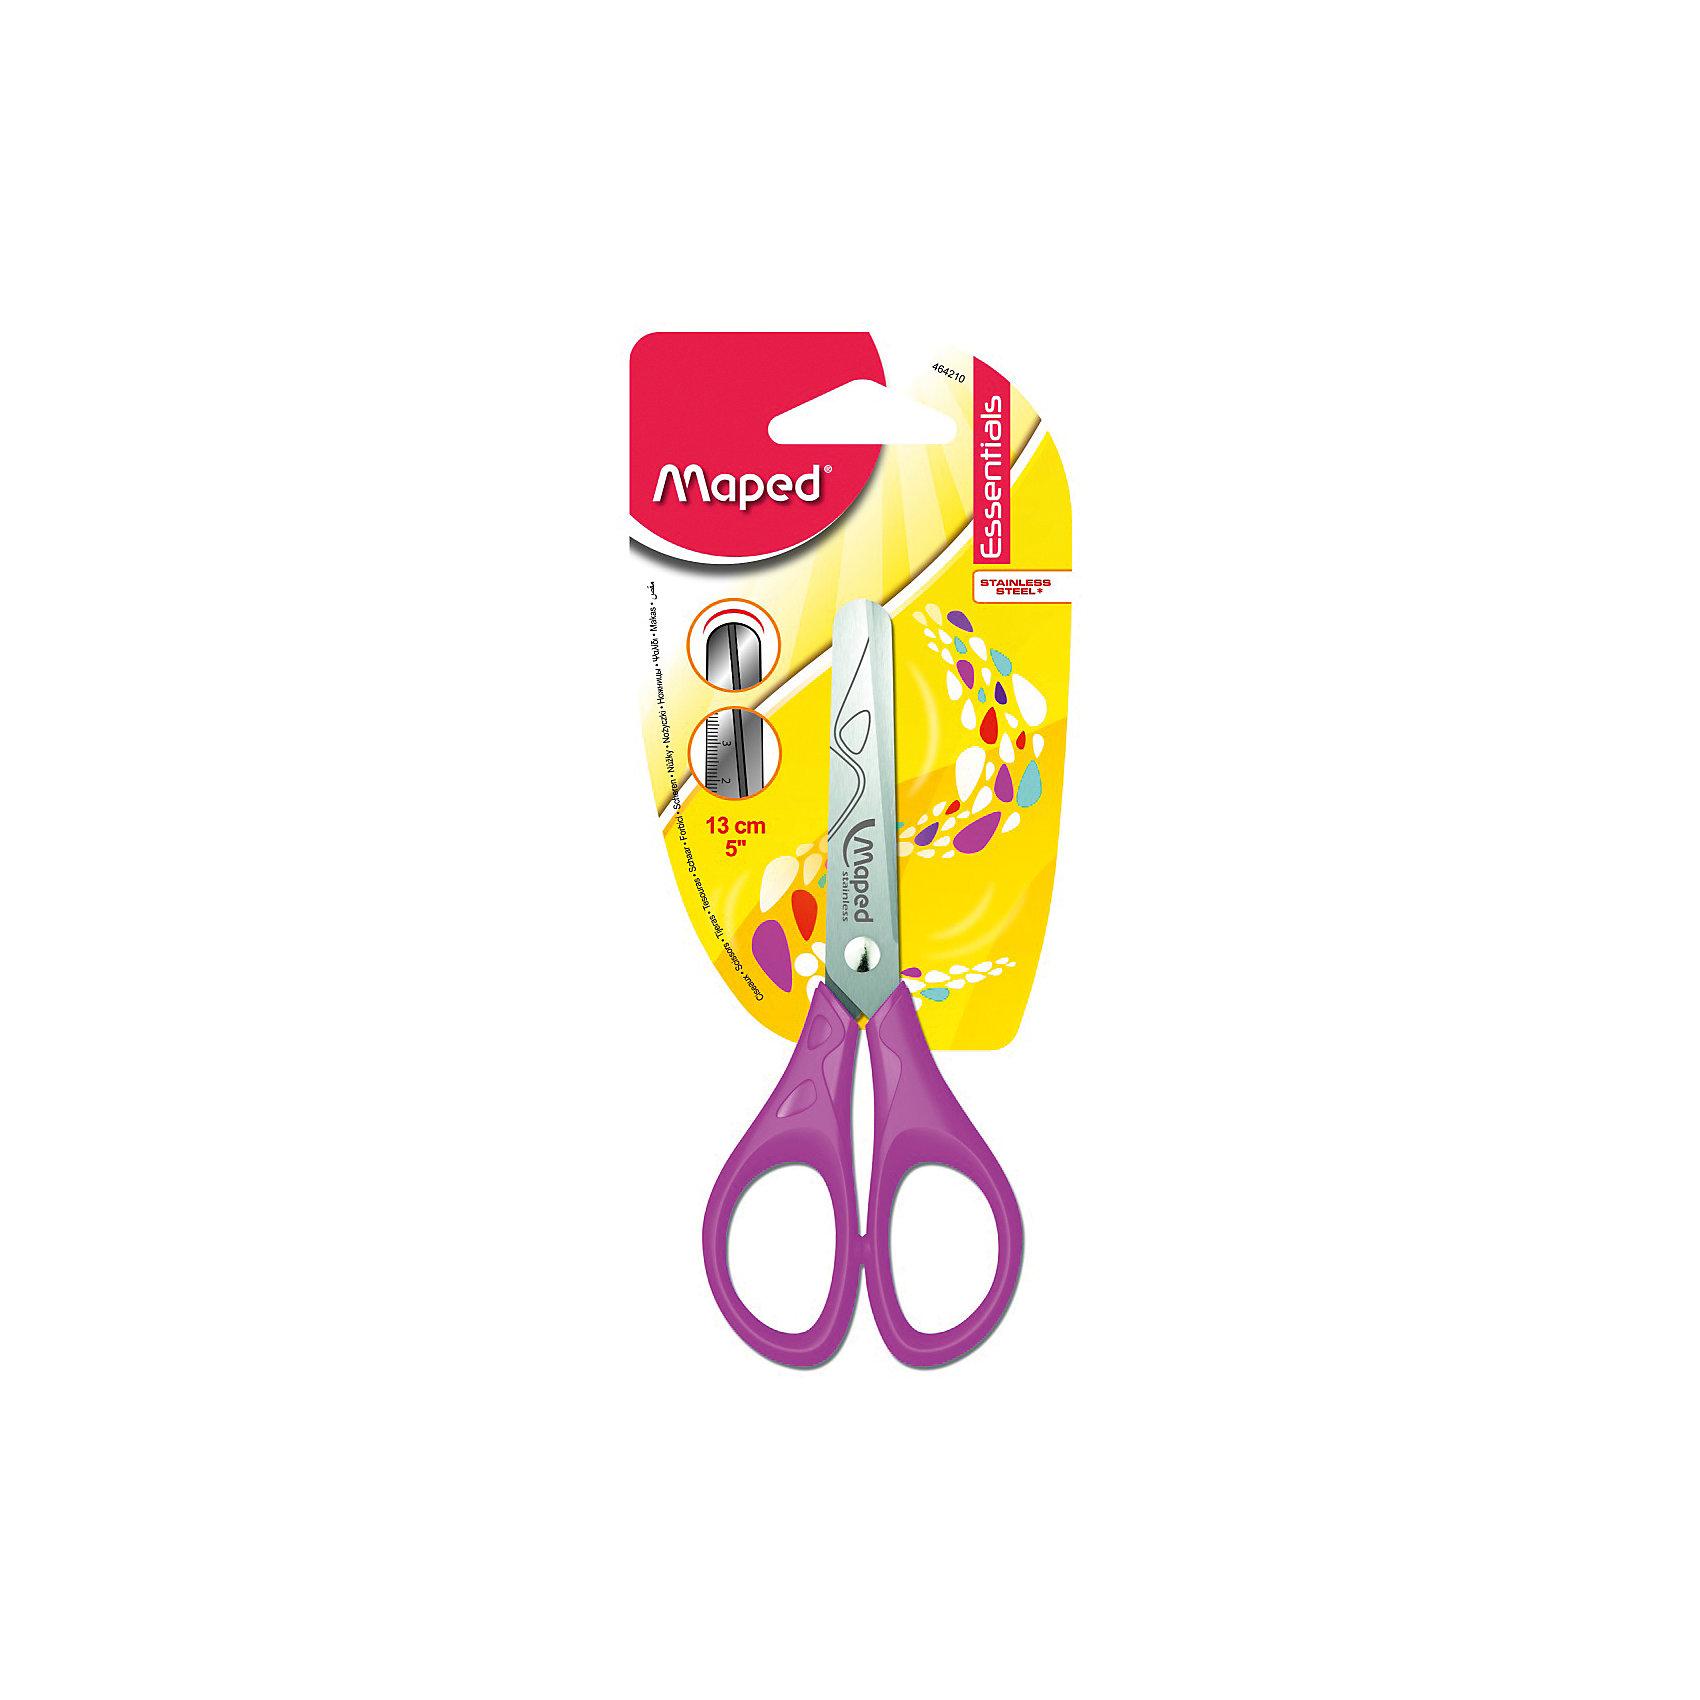 Ножницы симметричные Maped Essentials, 13 смШкольные аксессуары<br>Характеристики:<br><br>• возраст: от 5 лет<br>• материал: нержавеющая сталь, пластик<br>• длина ножниц: 13 см.<br>• форма лезвий: закругленная<br>• вид колец: симметричные<br>• лезвия: безопасные, с линейкой<br><br>Ножницы Essentials с симметричными кольцами и безопасными закругленными лезвиями идеально подходят для использования детьми в школе и дома. Лезвия ножниц выполнены из нержавеющей стали. На лезвия нанесена маркировка в сантиметрах.<br><br>MAPED Ножницы 13 см симметричные с линейкой Essentials можно купить в нашем интернет-магазине.<br><br>Ширина мм: 172<br>Глубина мм: 75<br>Высота мм: 10<br>Вес г: 27<br>Возраст от месяцев: 60<br>Возраст до месяцев: 2147483647<br>Пол: Унисекс<br>Возраст: Детский<br>SKU: 7065316